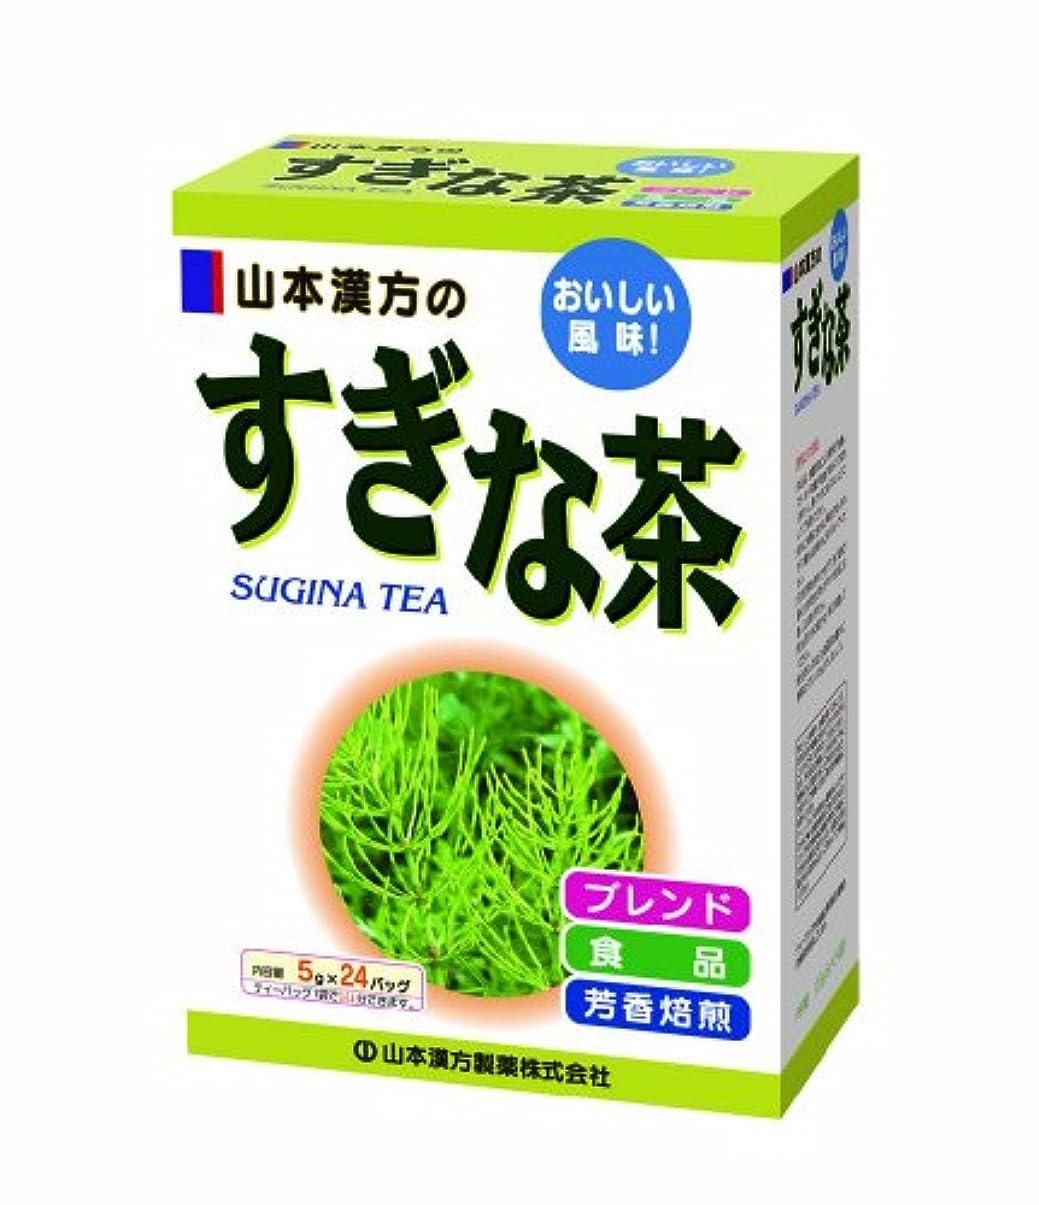 ボタンテクトニック舗装山本漢方製薬 すぎな茶 5gX24H